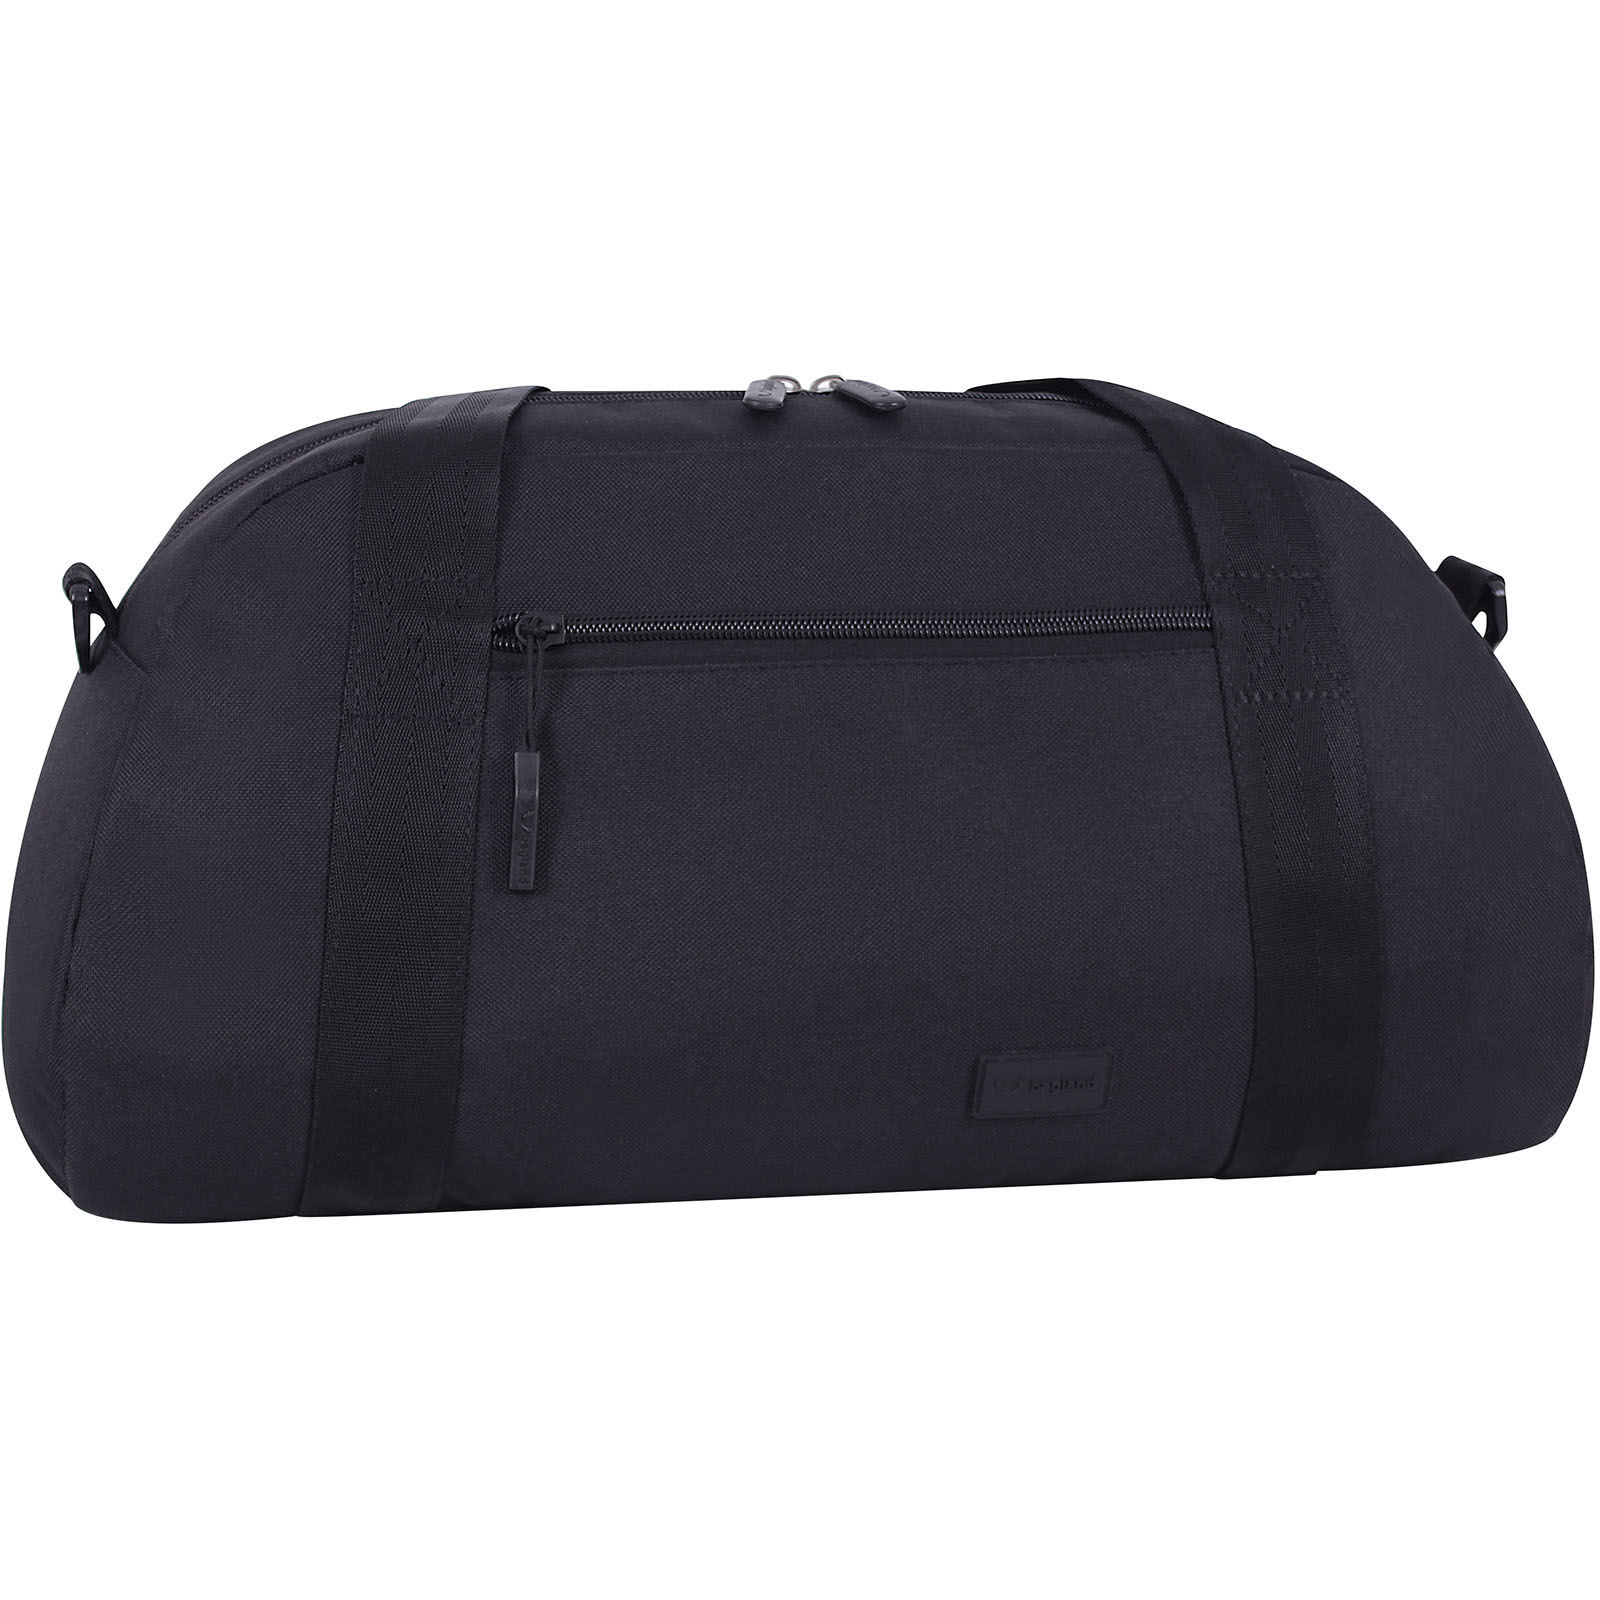 Спортивные сумки Сумка Bagland Oblivion 27 л. Черный (0037366) IMG_7079.JPG